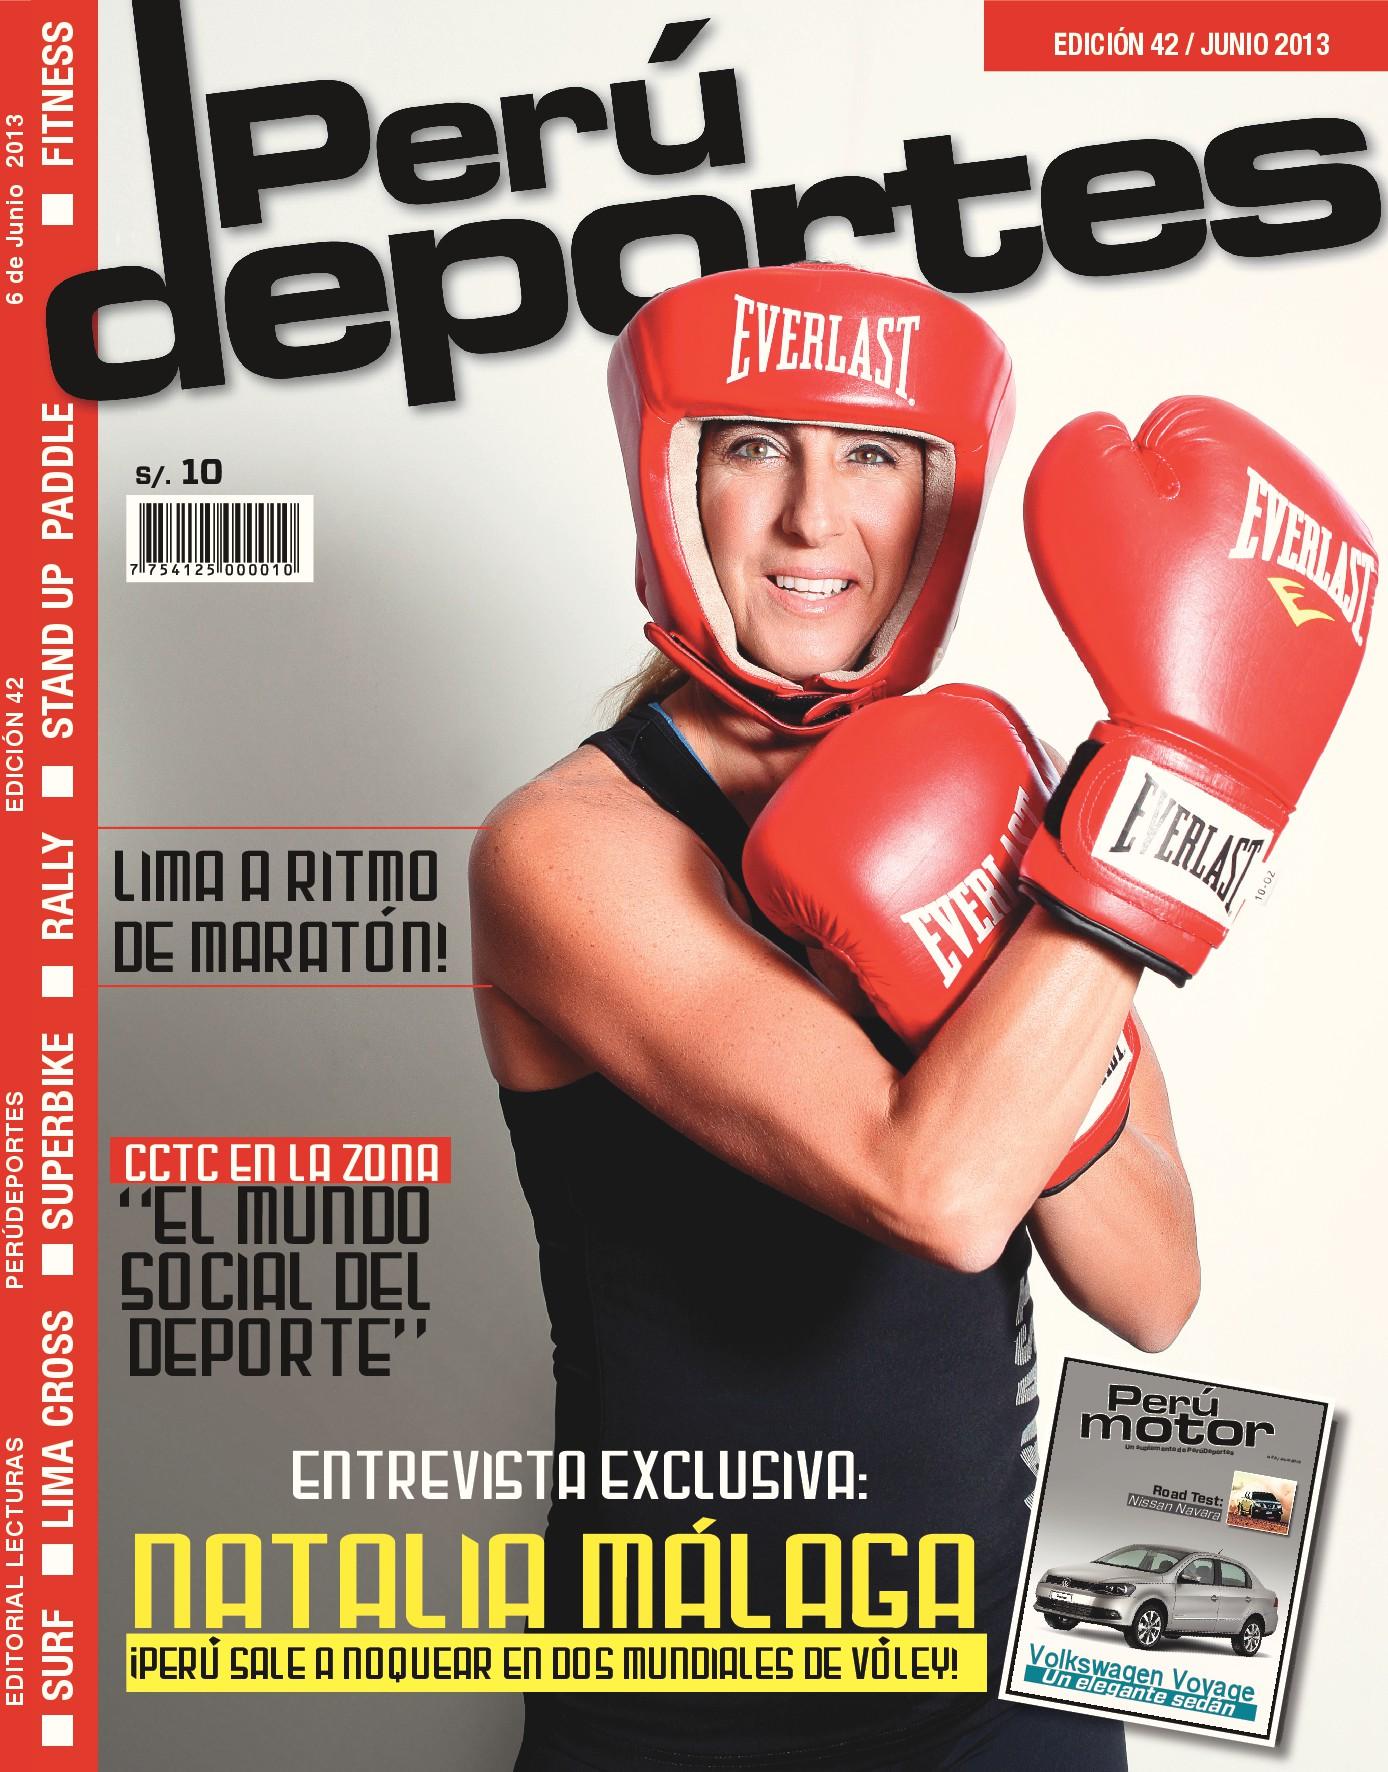 Perudeportes Edición #42 (Jun 2013)